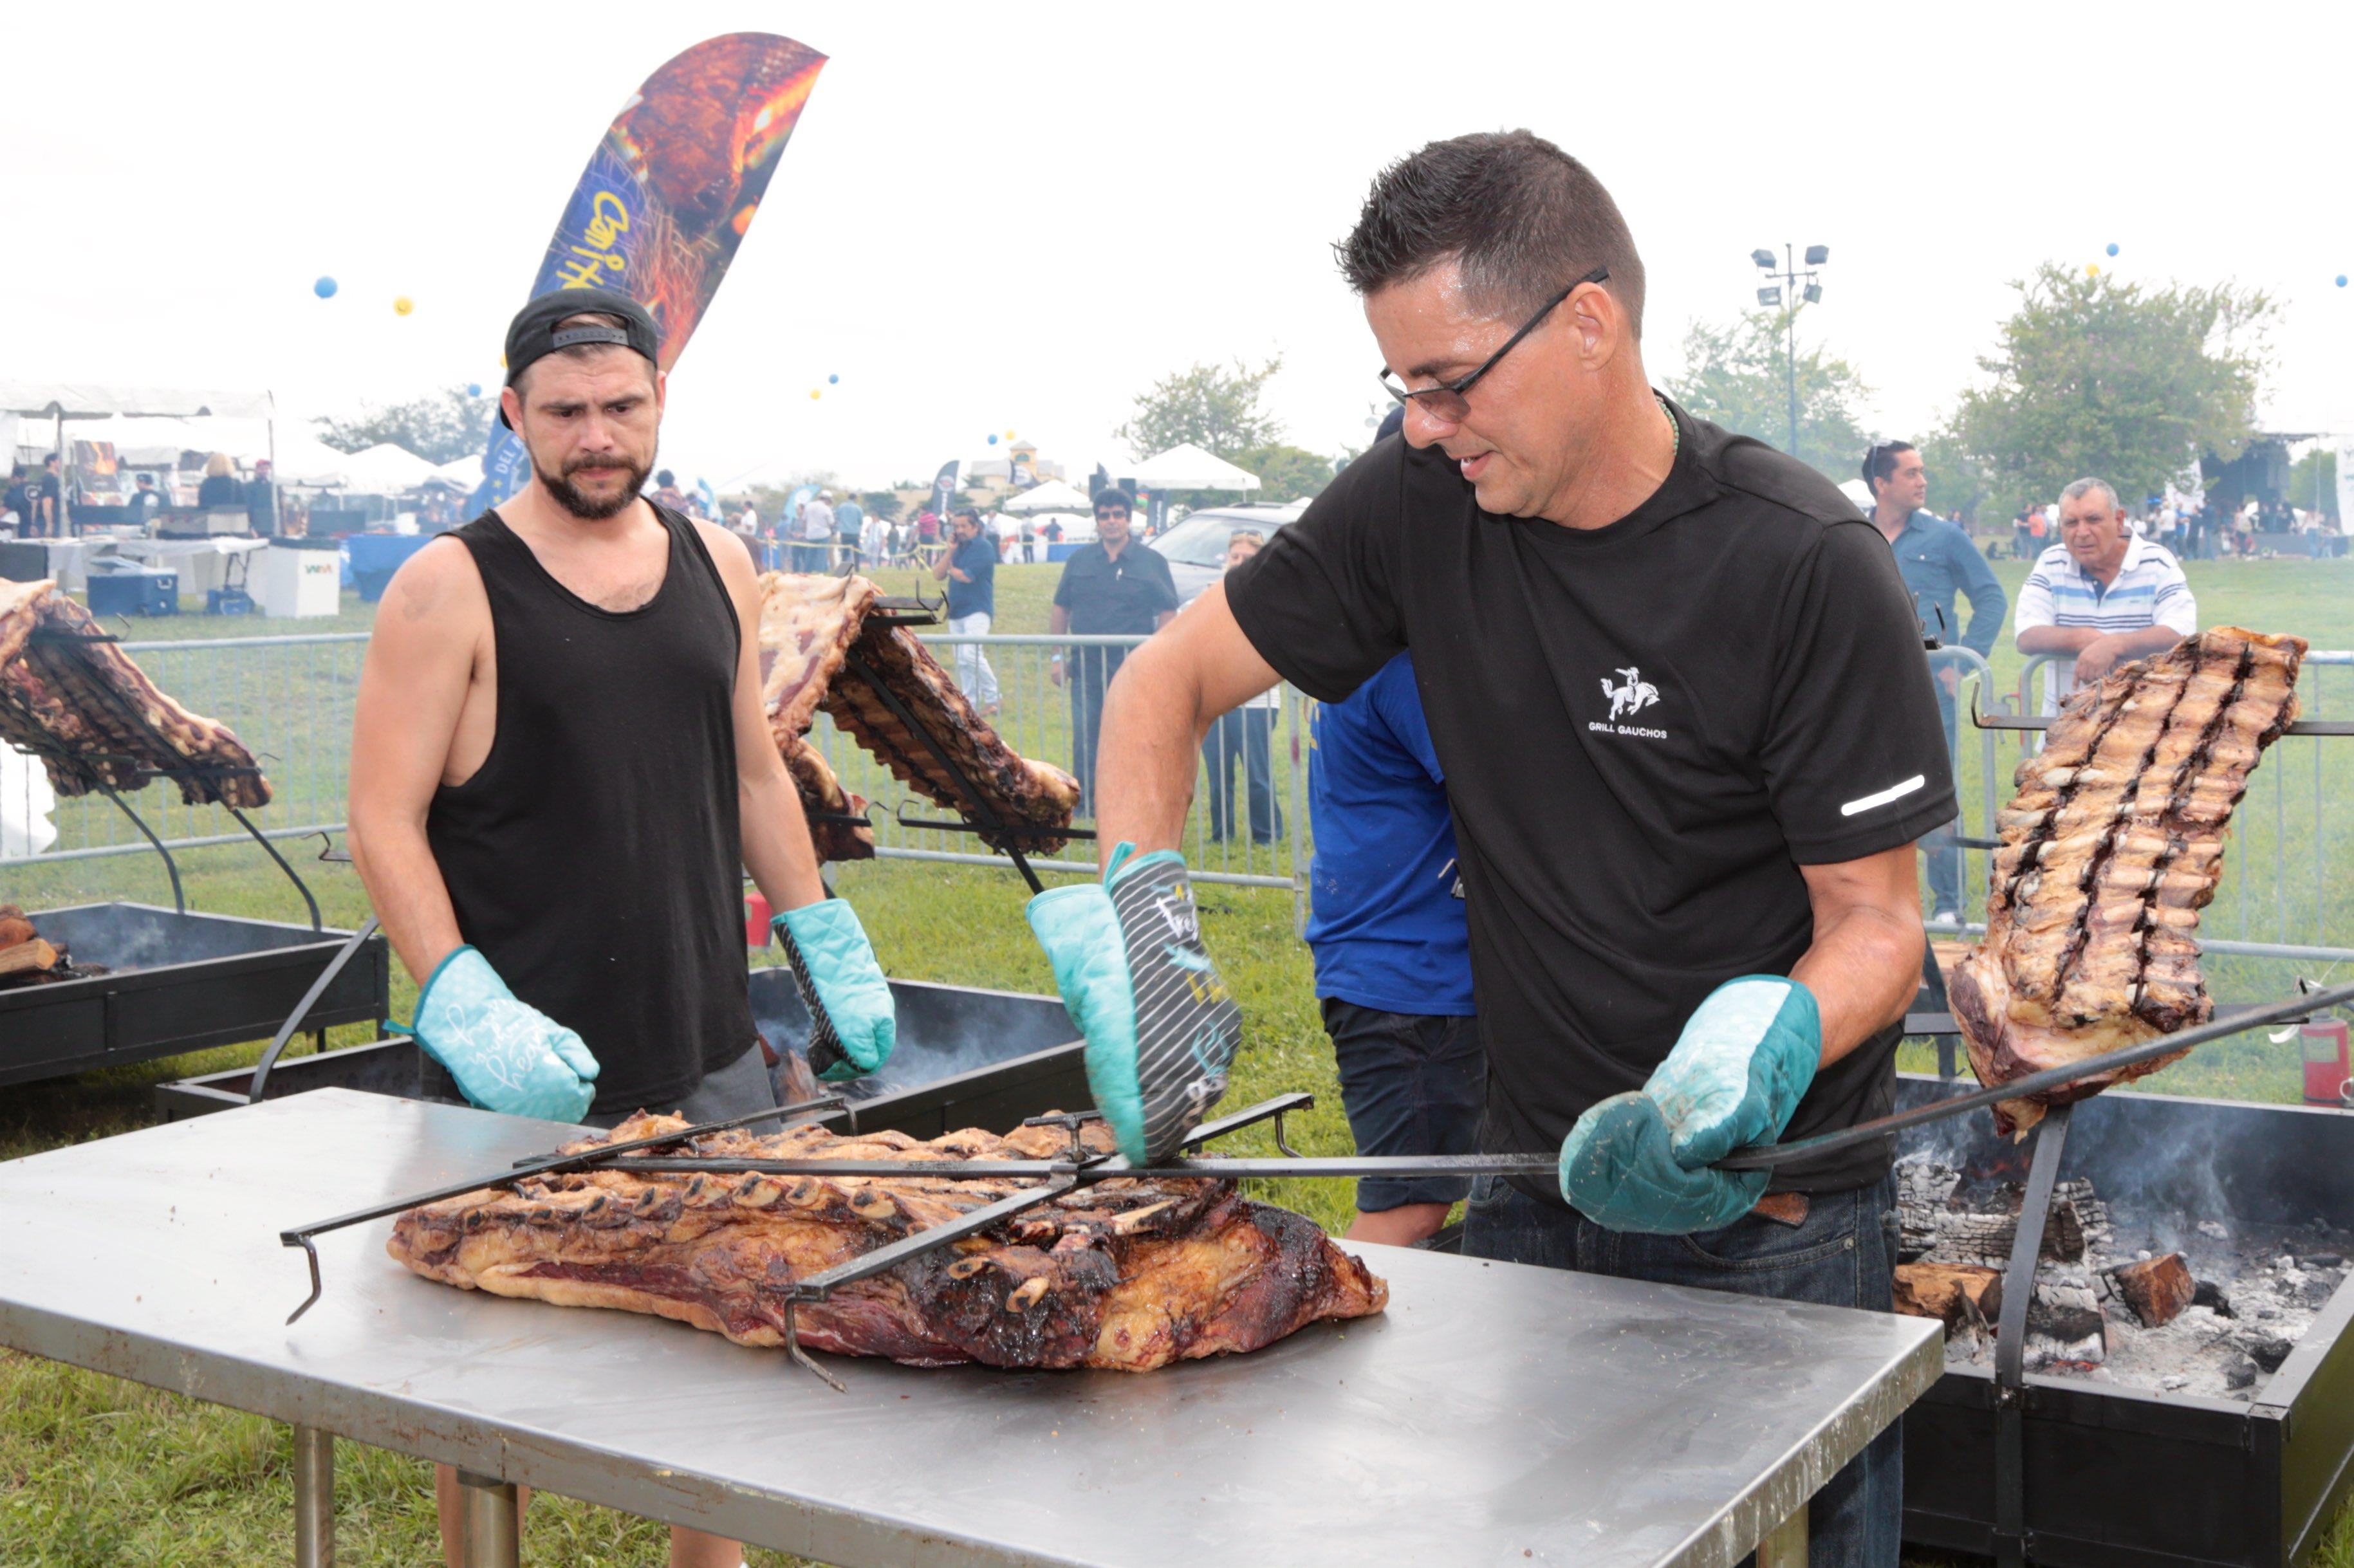 La carne se cortó al estilo argentino: cuadril, tira de asado, vacío, entraña.